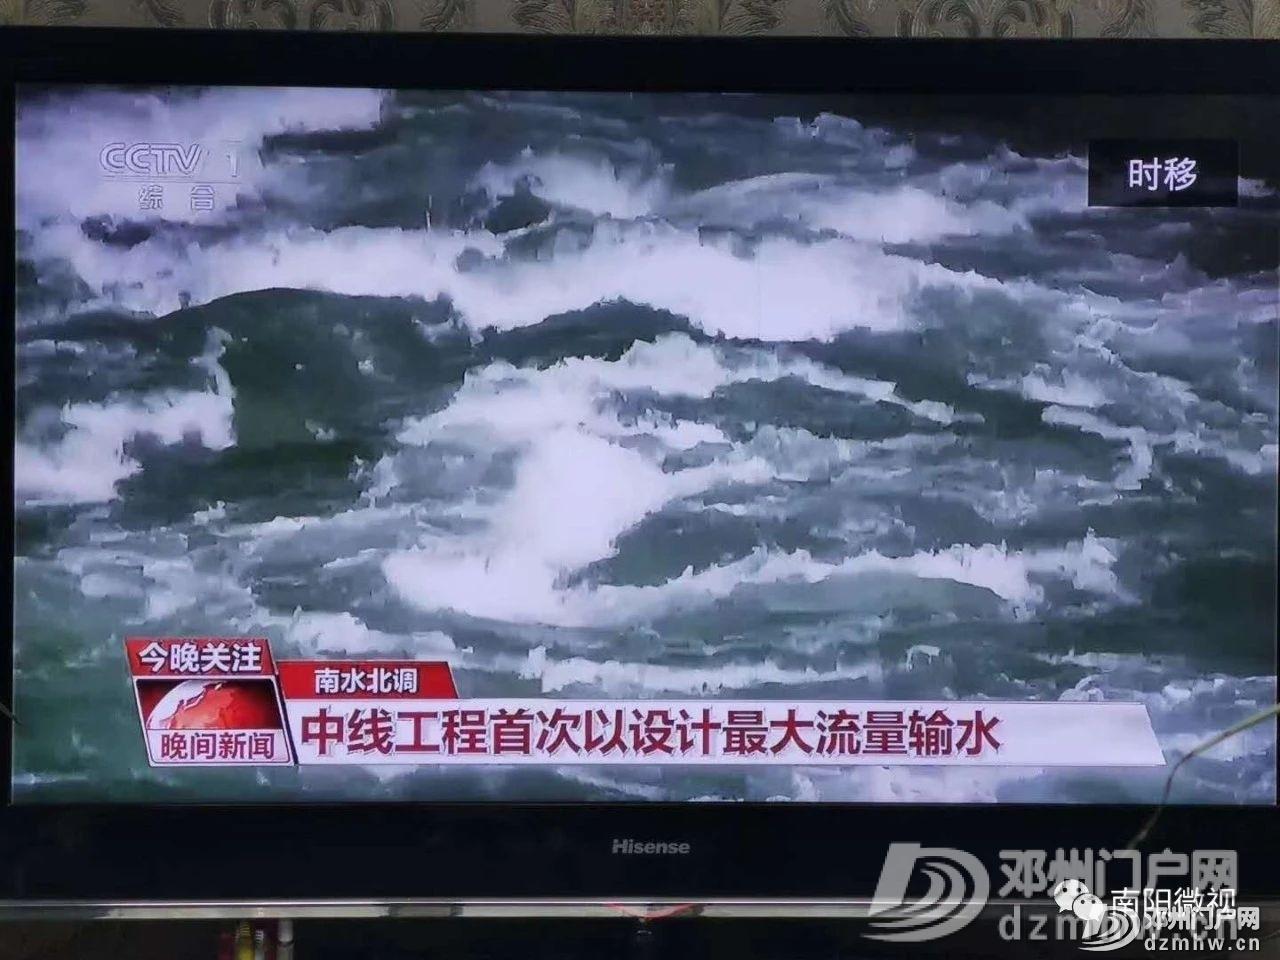 南水北调中线工程首次以设计最大流量输水 - 邓州门户网|邓州网 - 4309a6a624dc5cbe5d852a6aa6a7f143.jpg